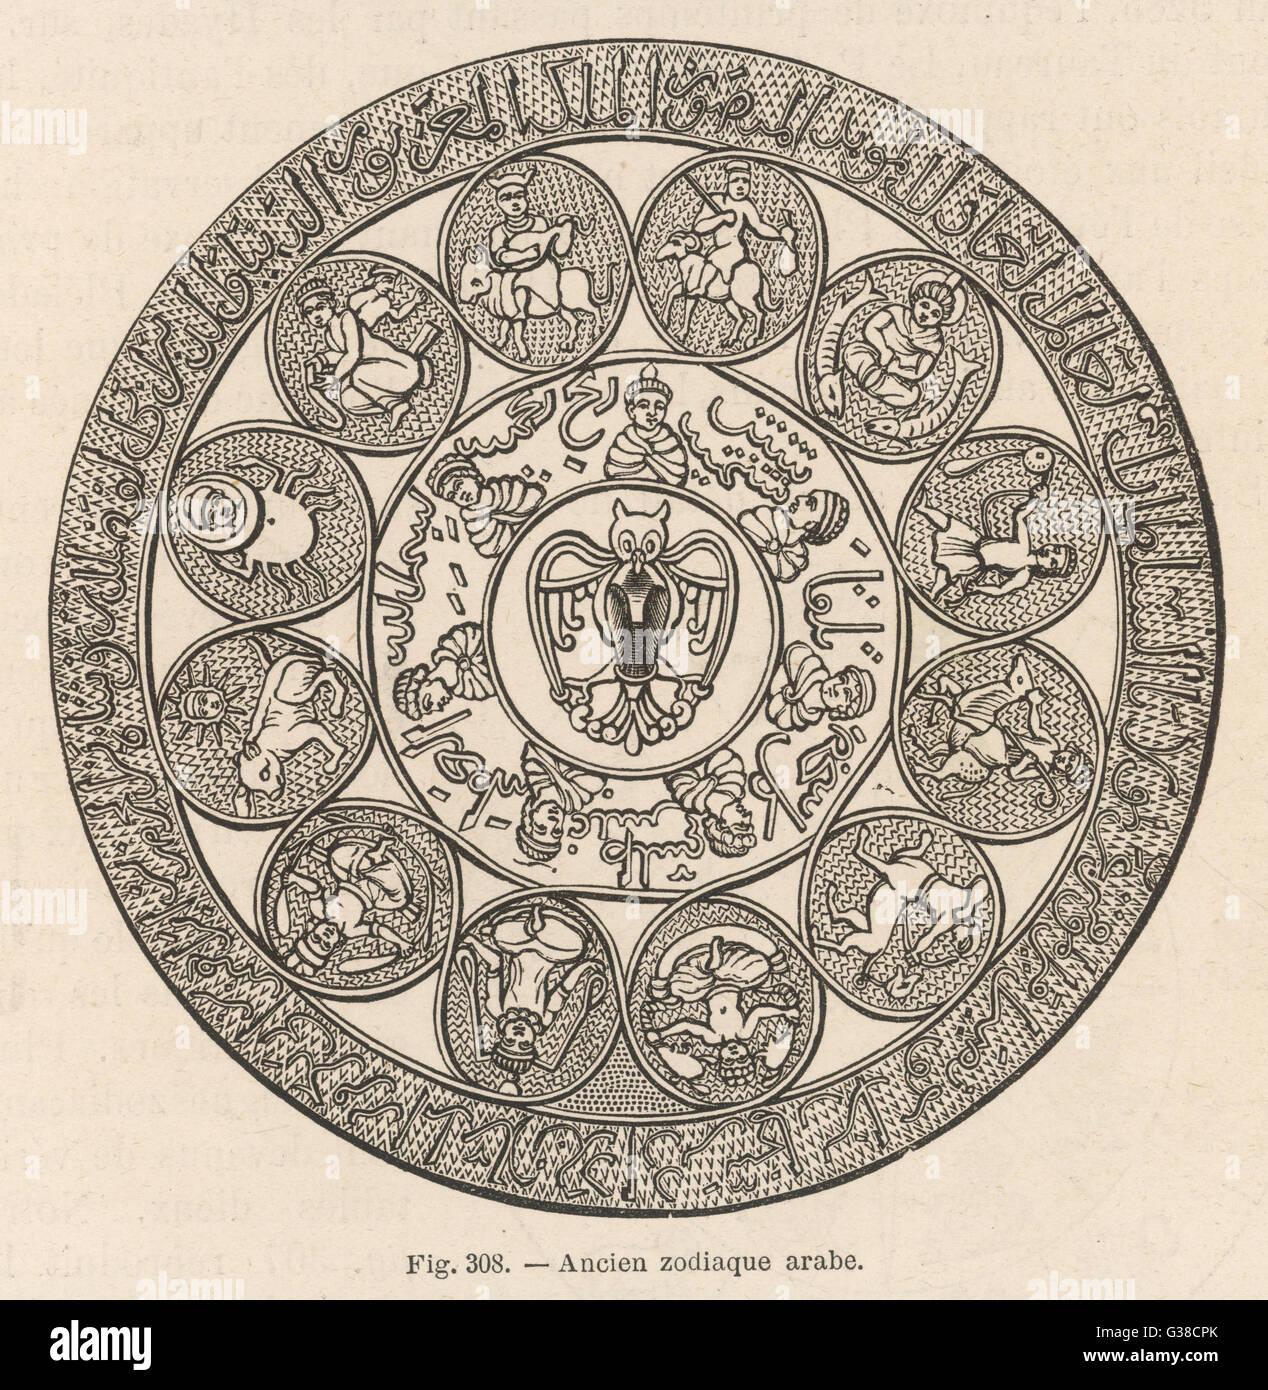 Antichi arabi zodiaco Immagini Stock